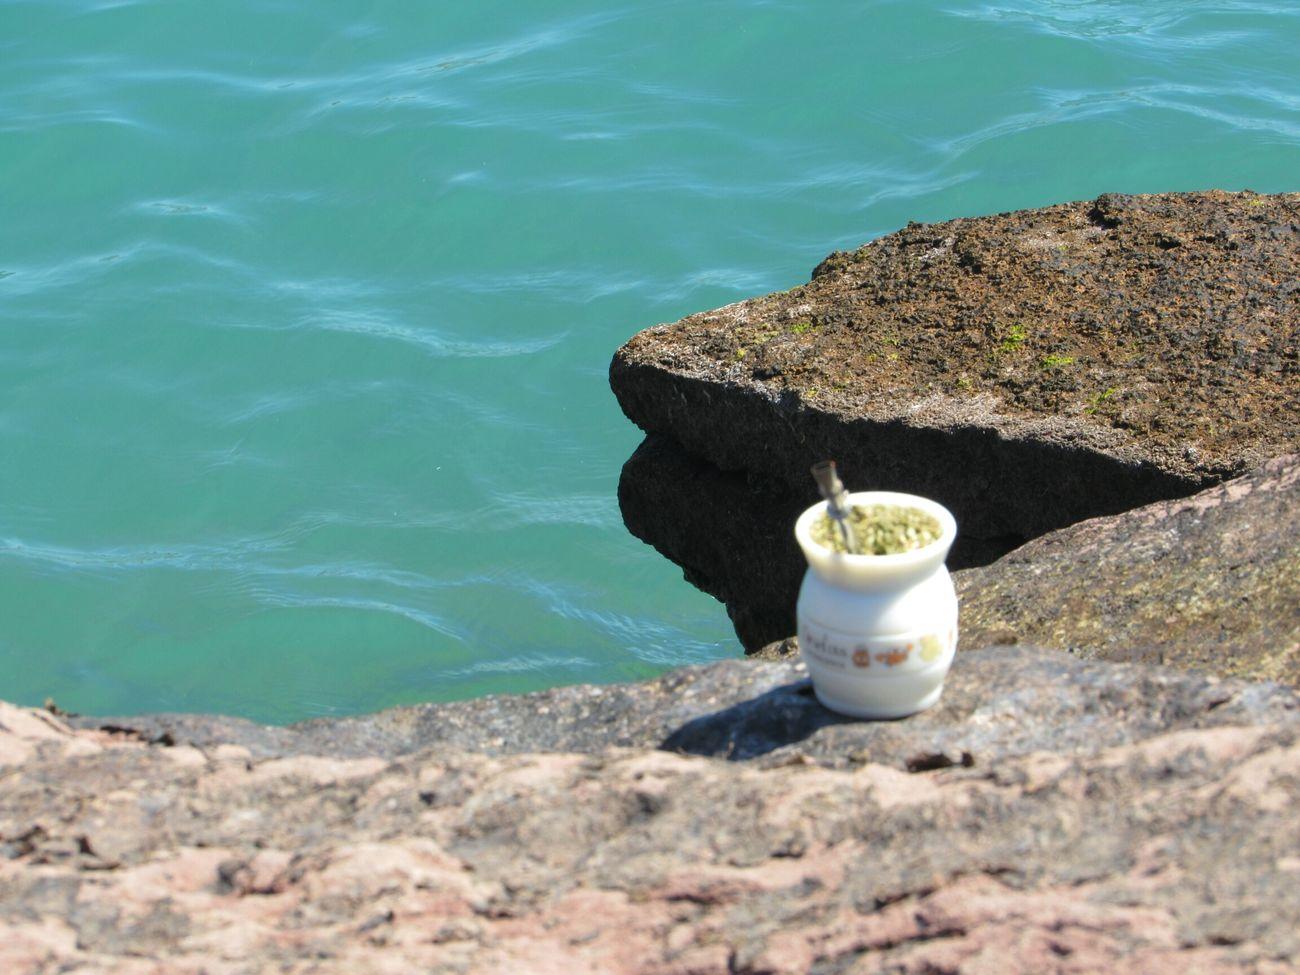 Vacaciones Relaxing Photos Vacaciones🌴 Disfrutando De La Vida Happyday Sky Drink Water Sea Nature